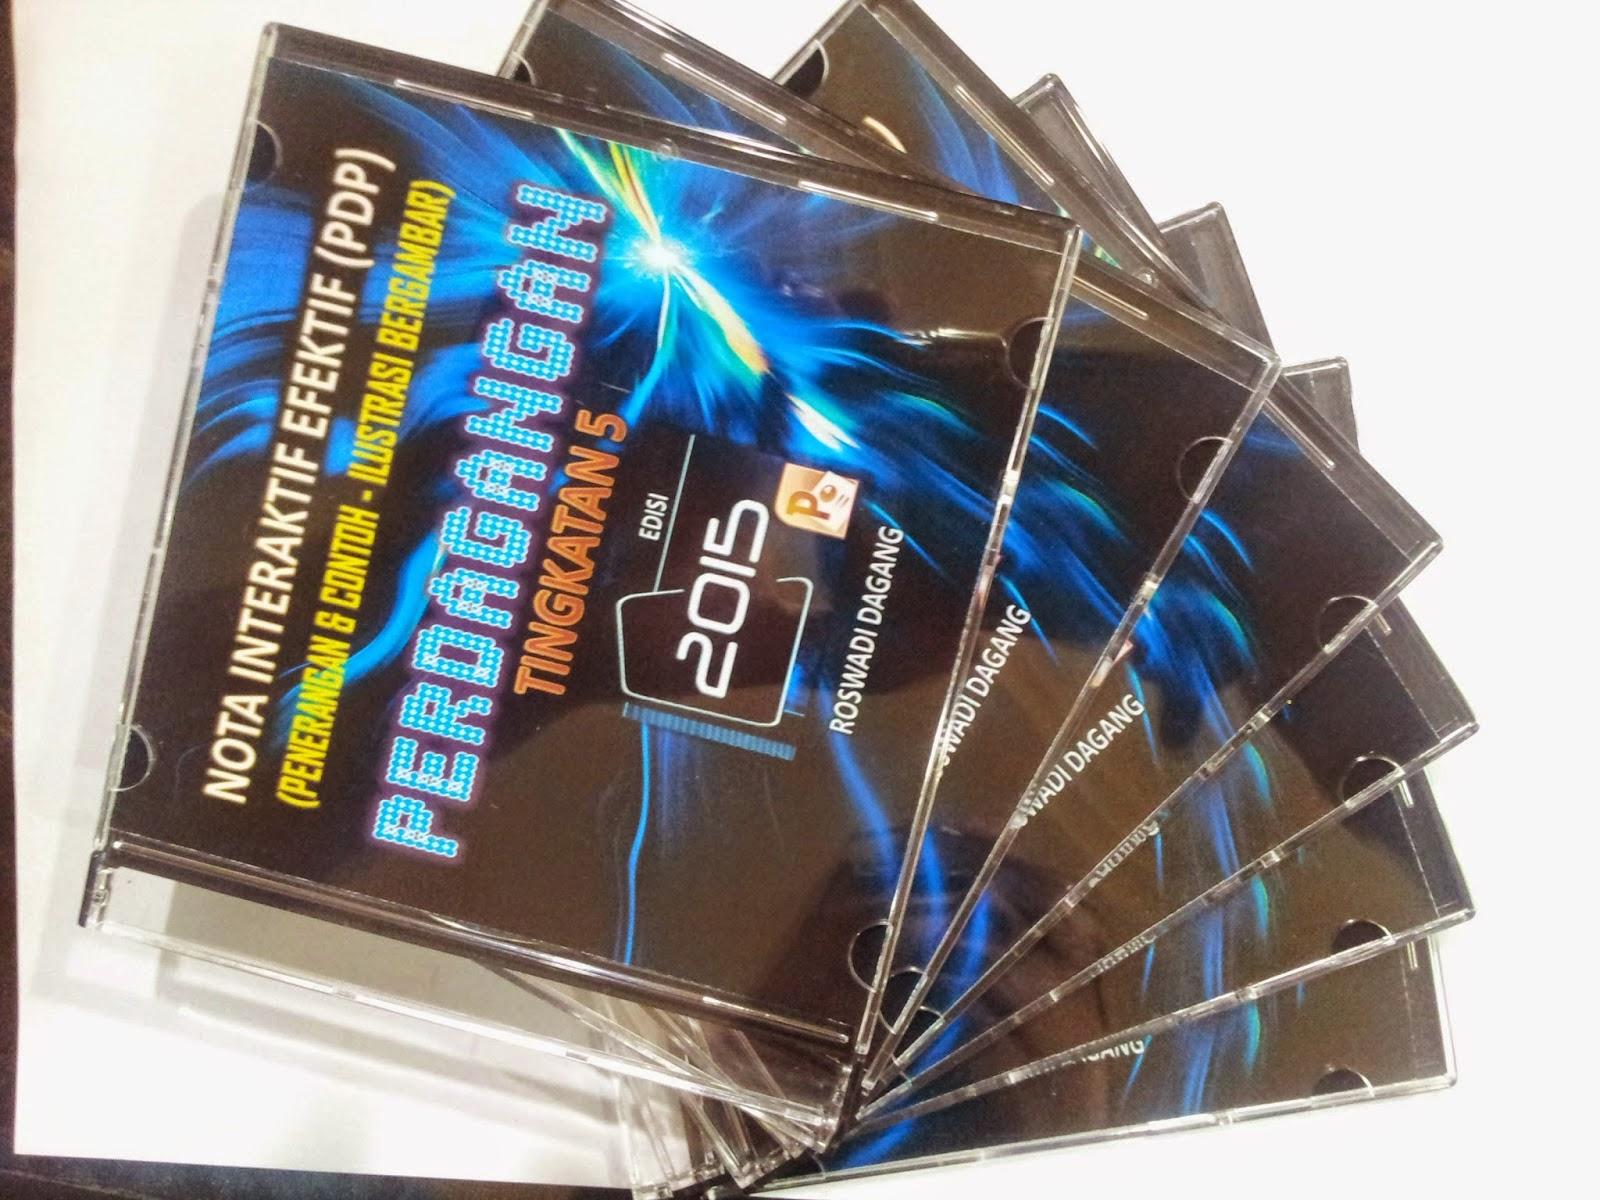 2 CD NOTA INTERAKTIF (PENERANGAN DAN CONTOH ILUSTRASI BERGAMBAR)